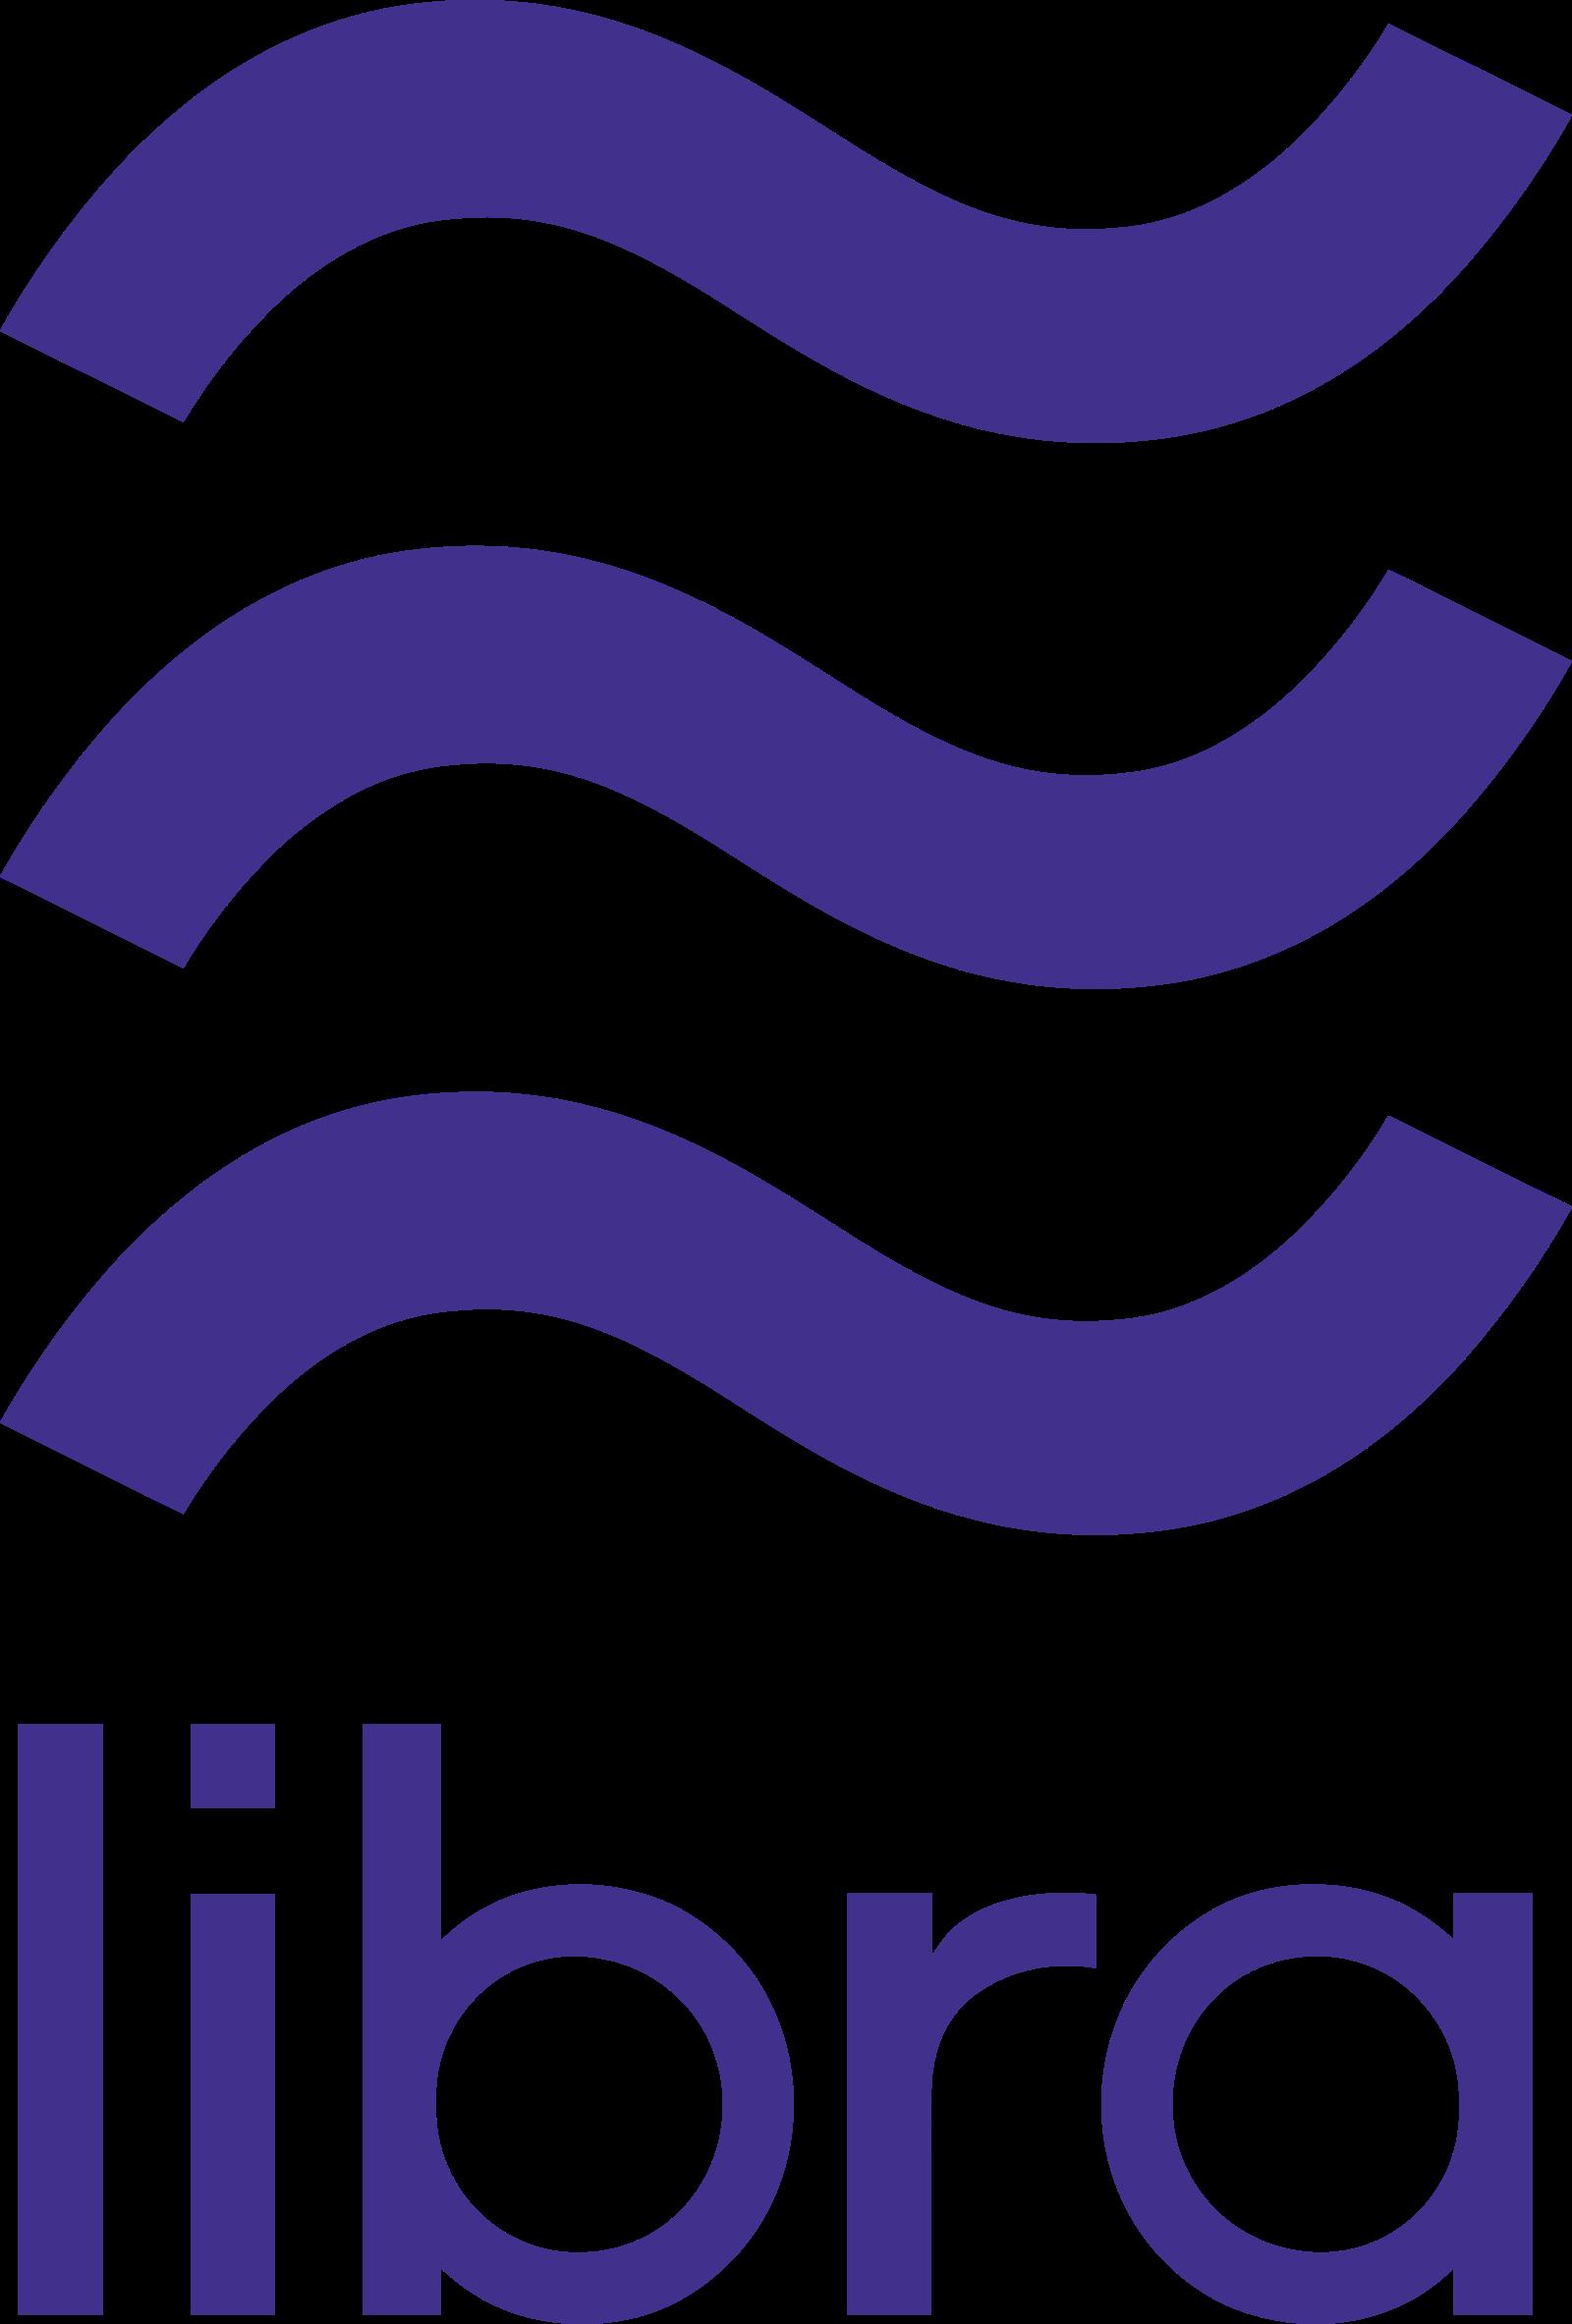 libra logo 02 - Libra Logo